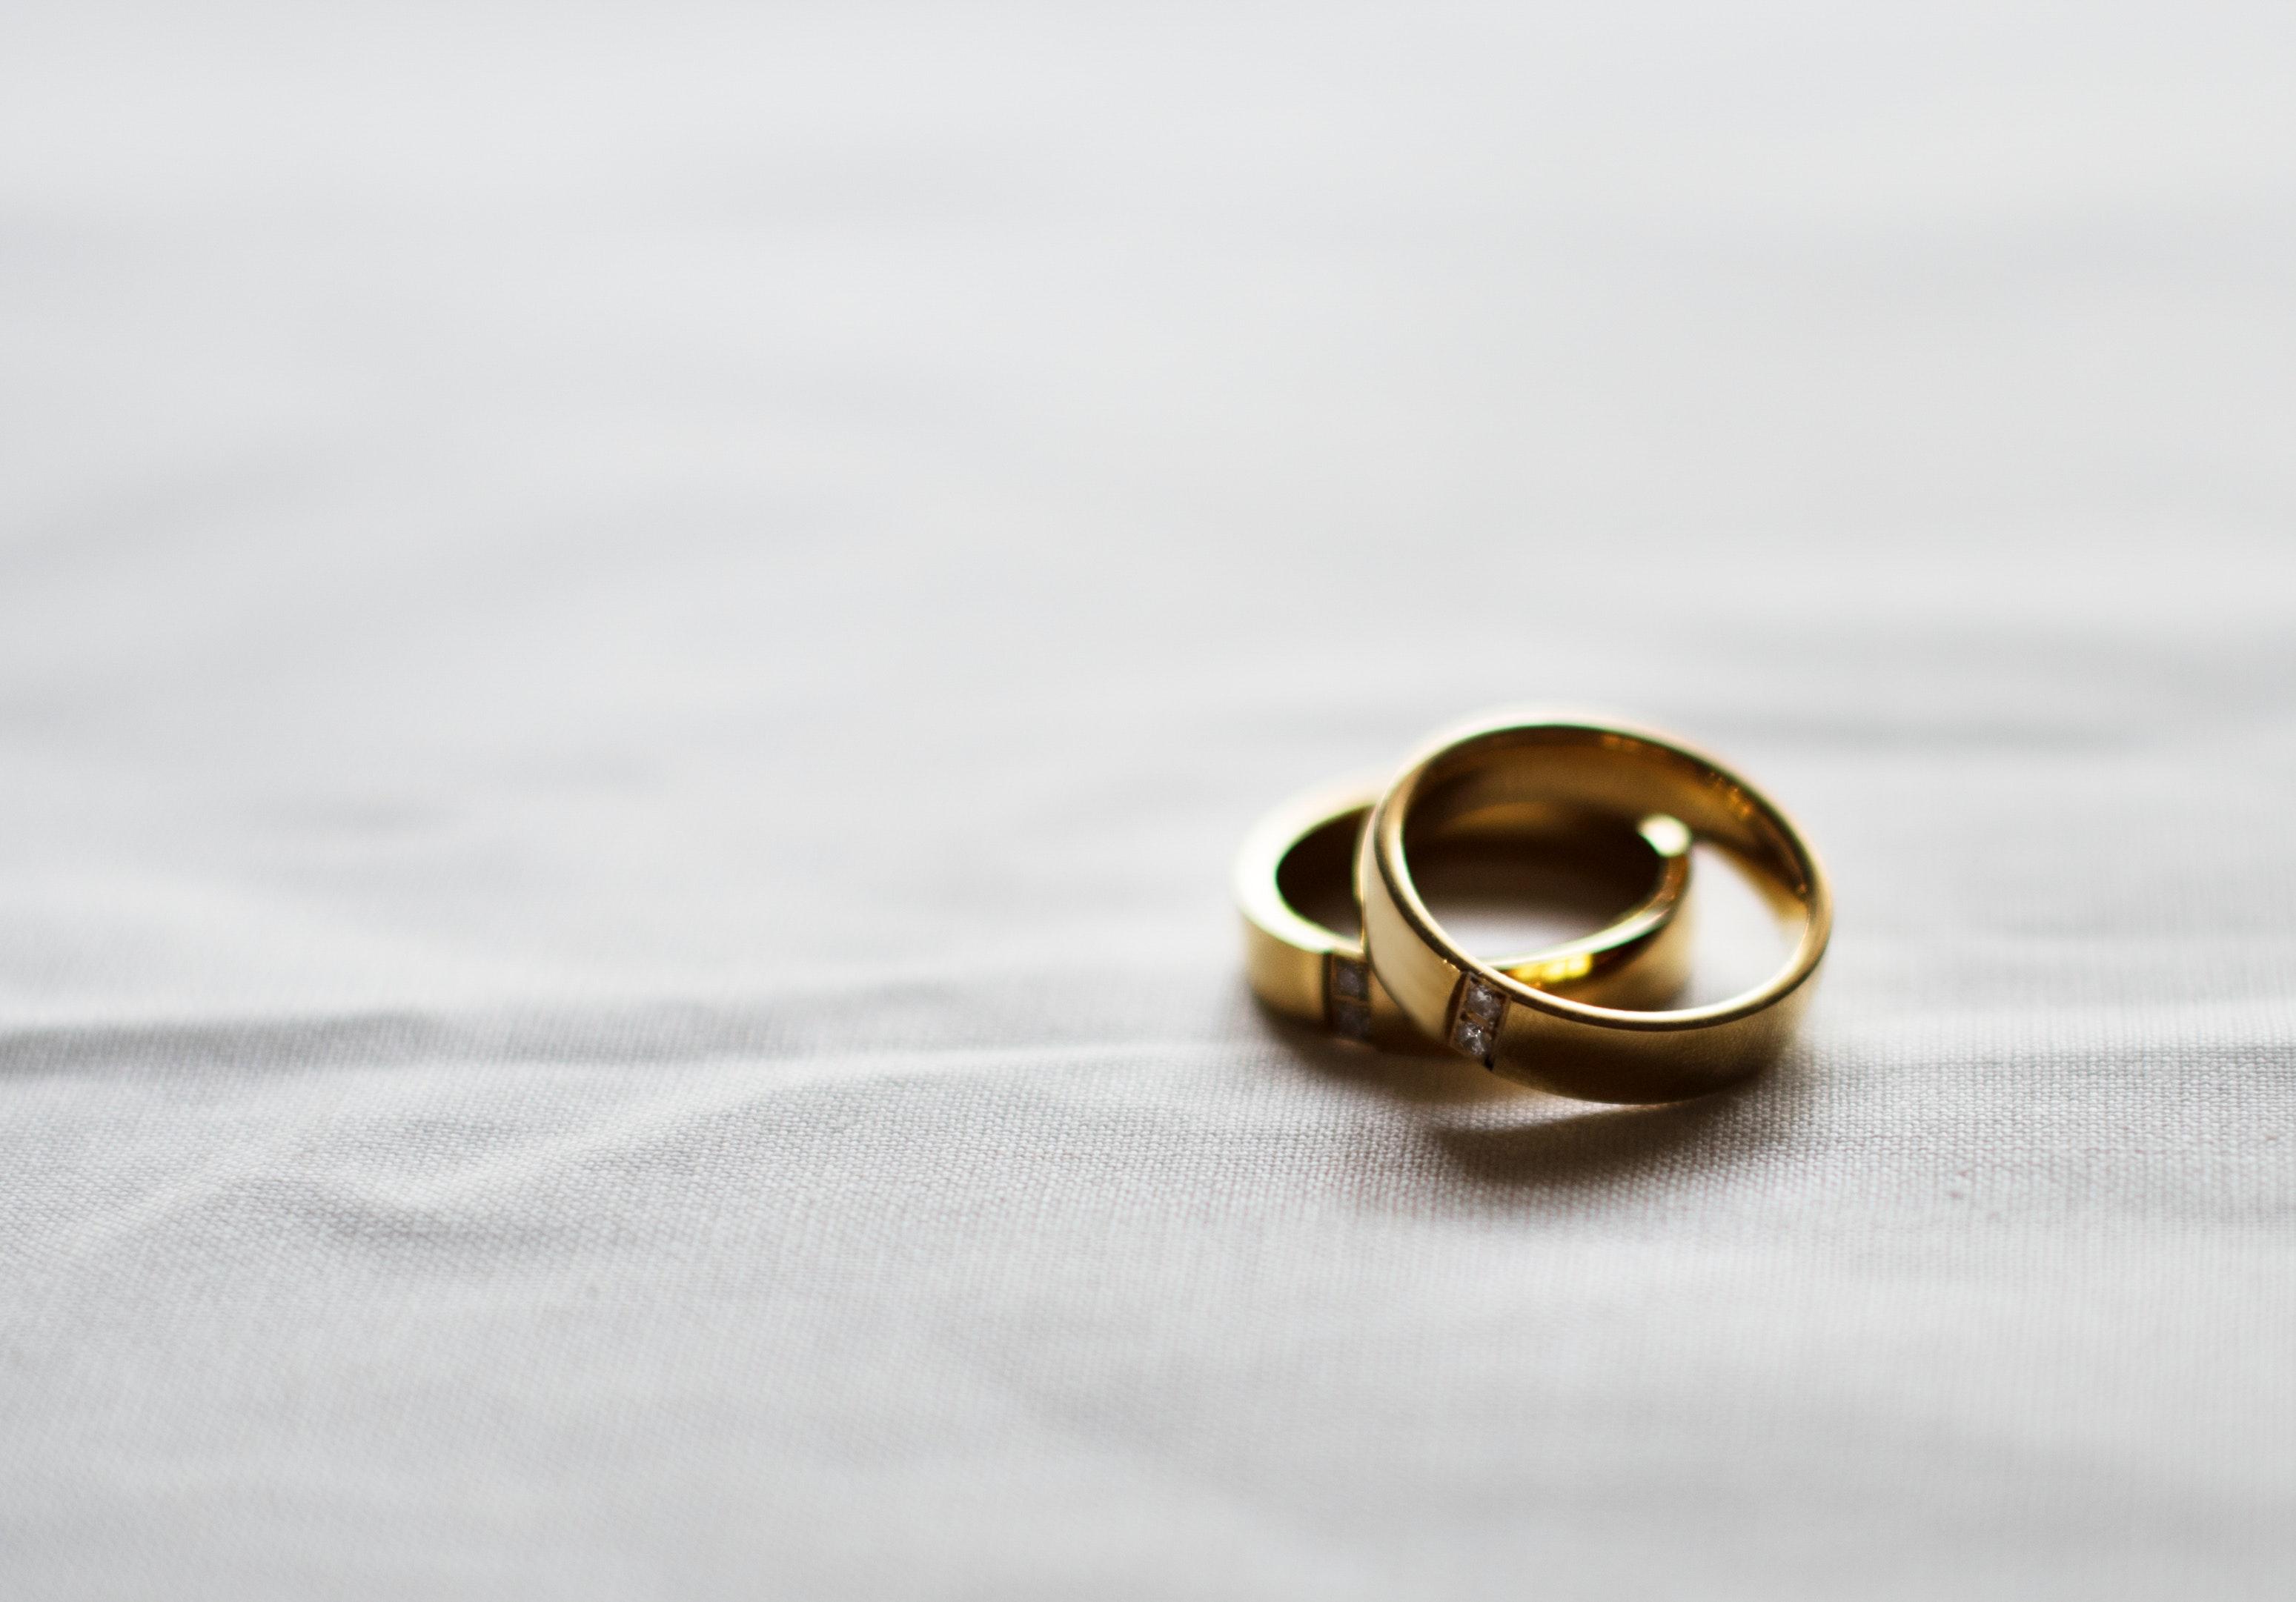 84890 скачать обои Свадьба, Любовь, Кольца, Золото, Пара - заставки и картинки бесплатно